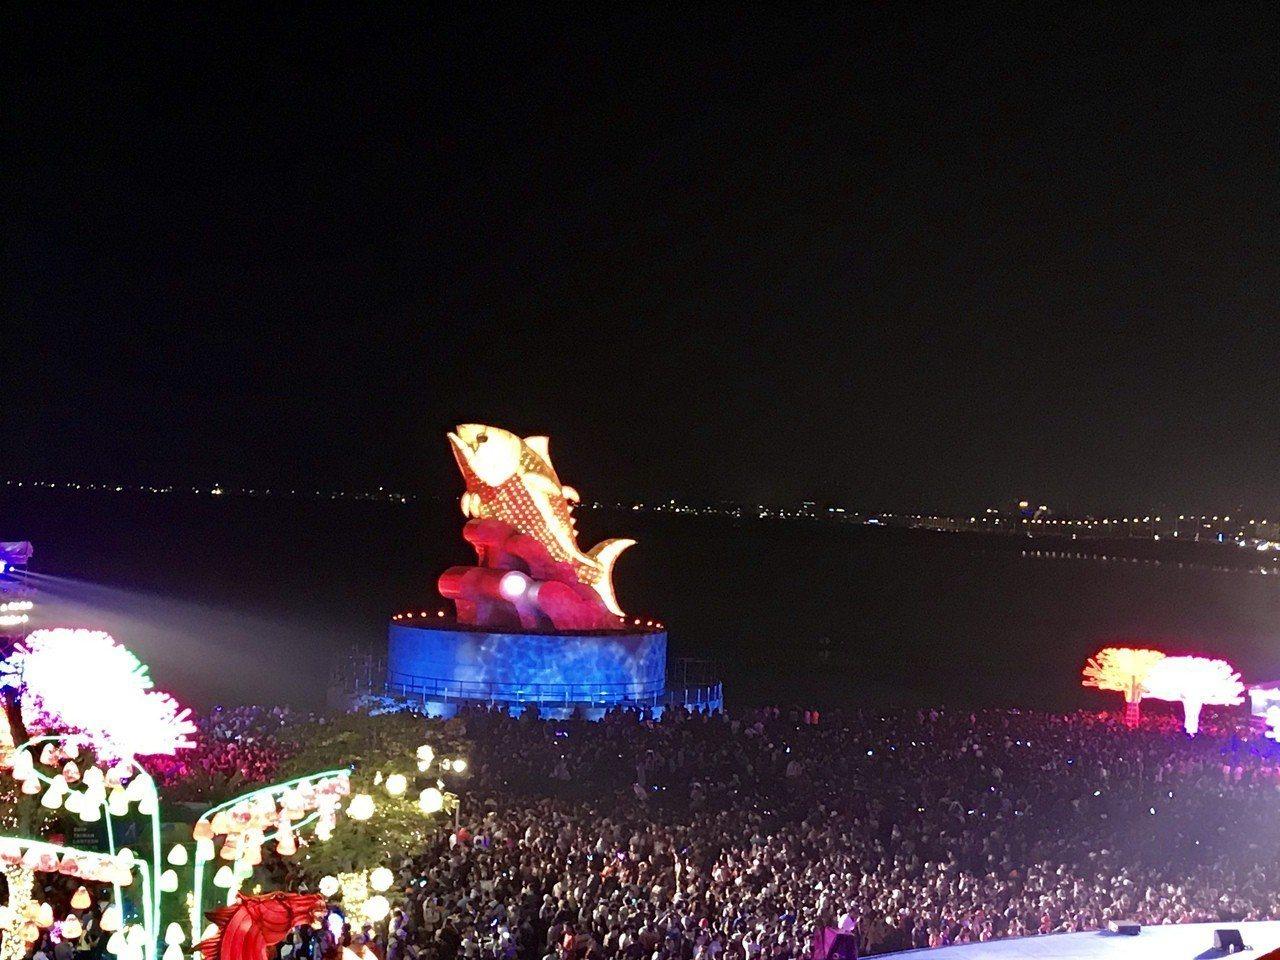 二二八連假第一天,台灣燈會湧入167萬人次賞燈,塞爆大鵬灣。記者江國豪/攝影